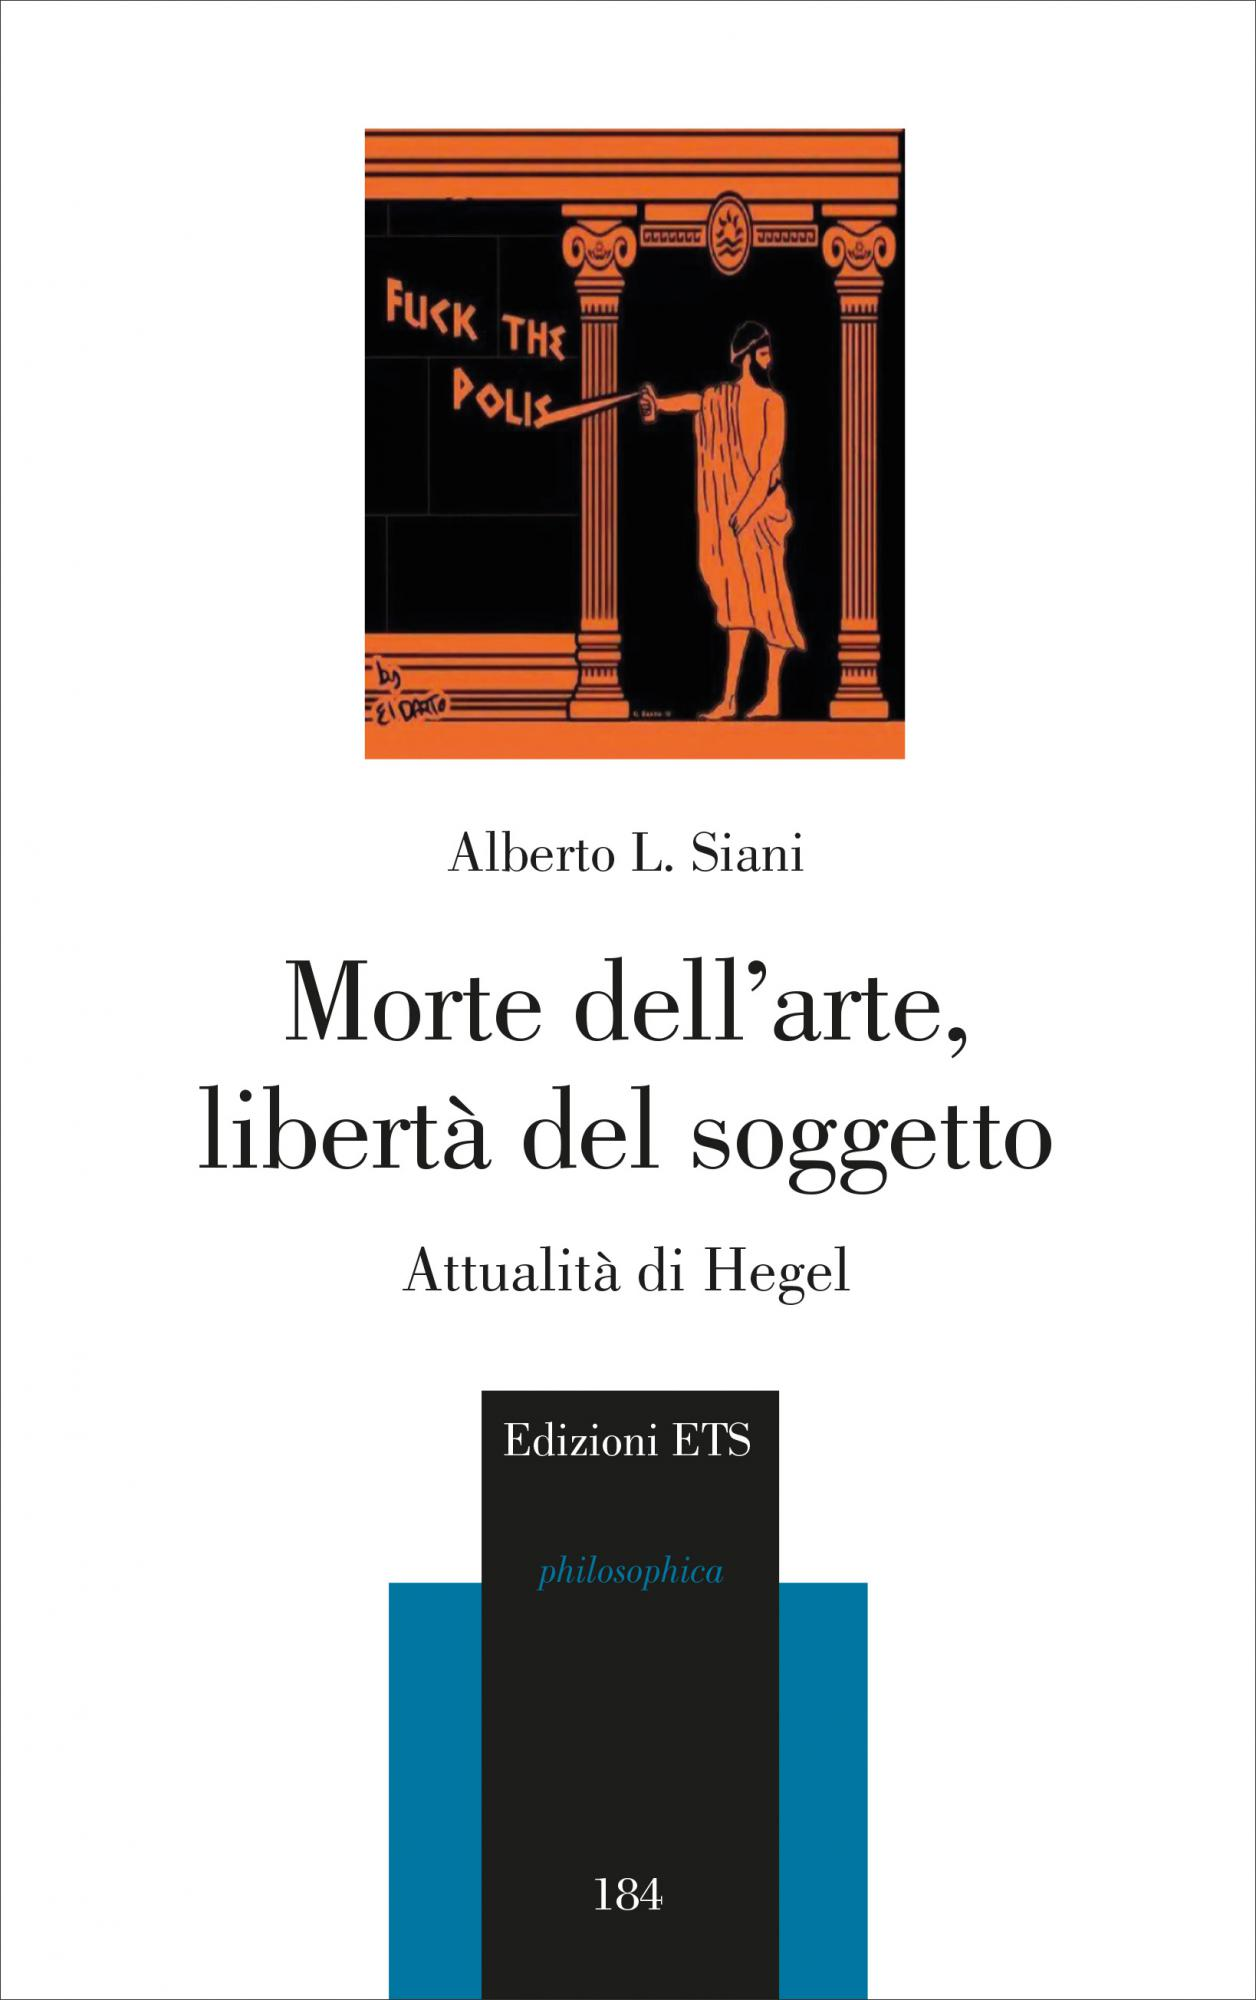 Morte dell&rsquo;arte,<br /> libert&agrave; del soggetto.Attualità di Hegel